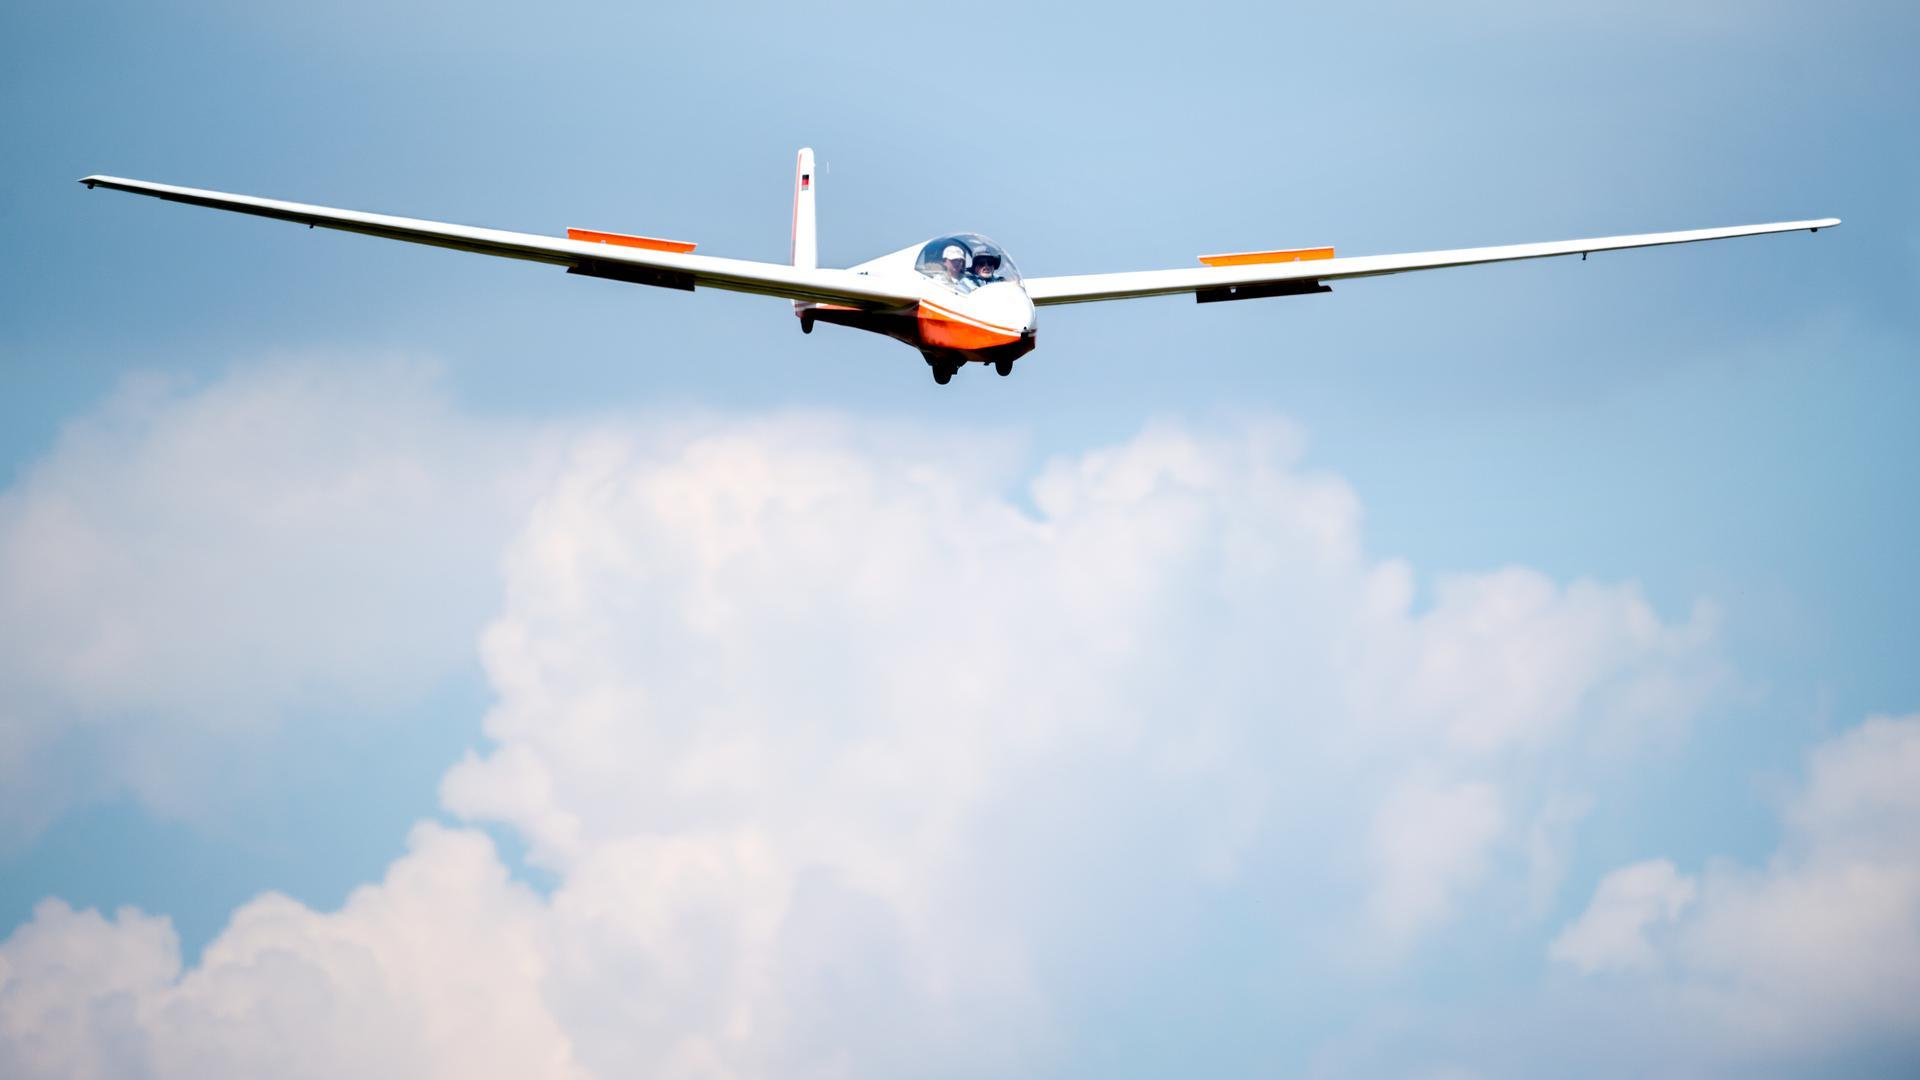 """Unterwegs in luftigen Höhen: Segelflieger in Forchheim benutzten den Spruch """"Mörsch -Malsch - Madrid"""" spaßhaft als Bezeichnung für sogenannte Dreiecksflüge (Symbolbild)."""